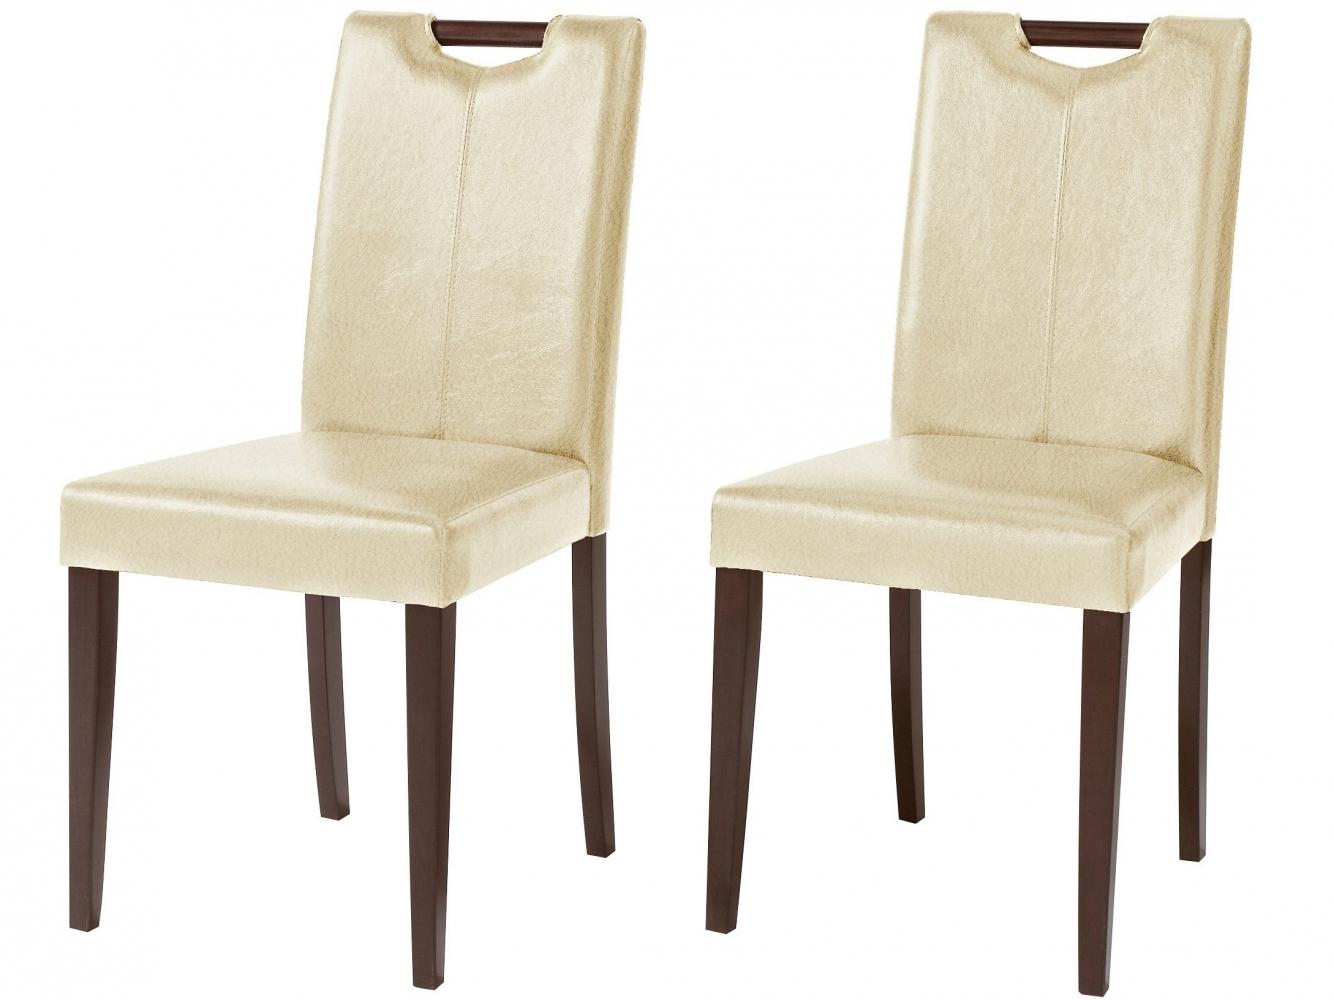 Jídelní židle Curt (SET 2 ks), krémová / tmavé dřevo